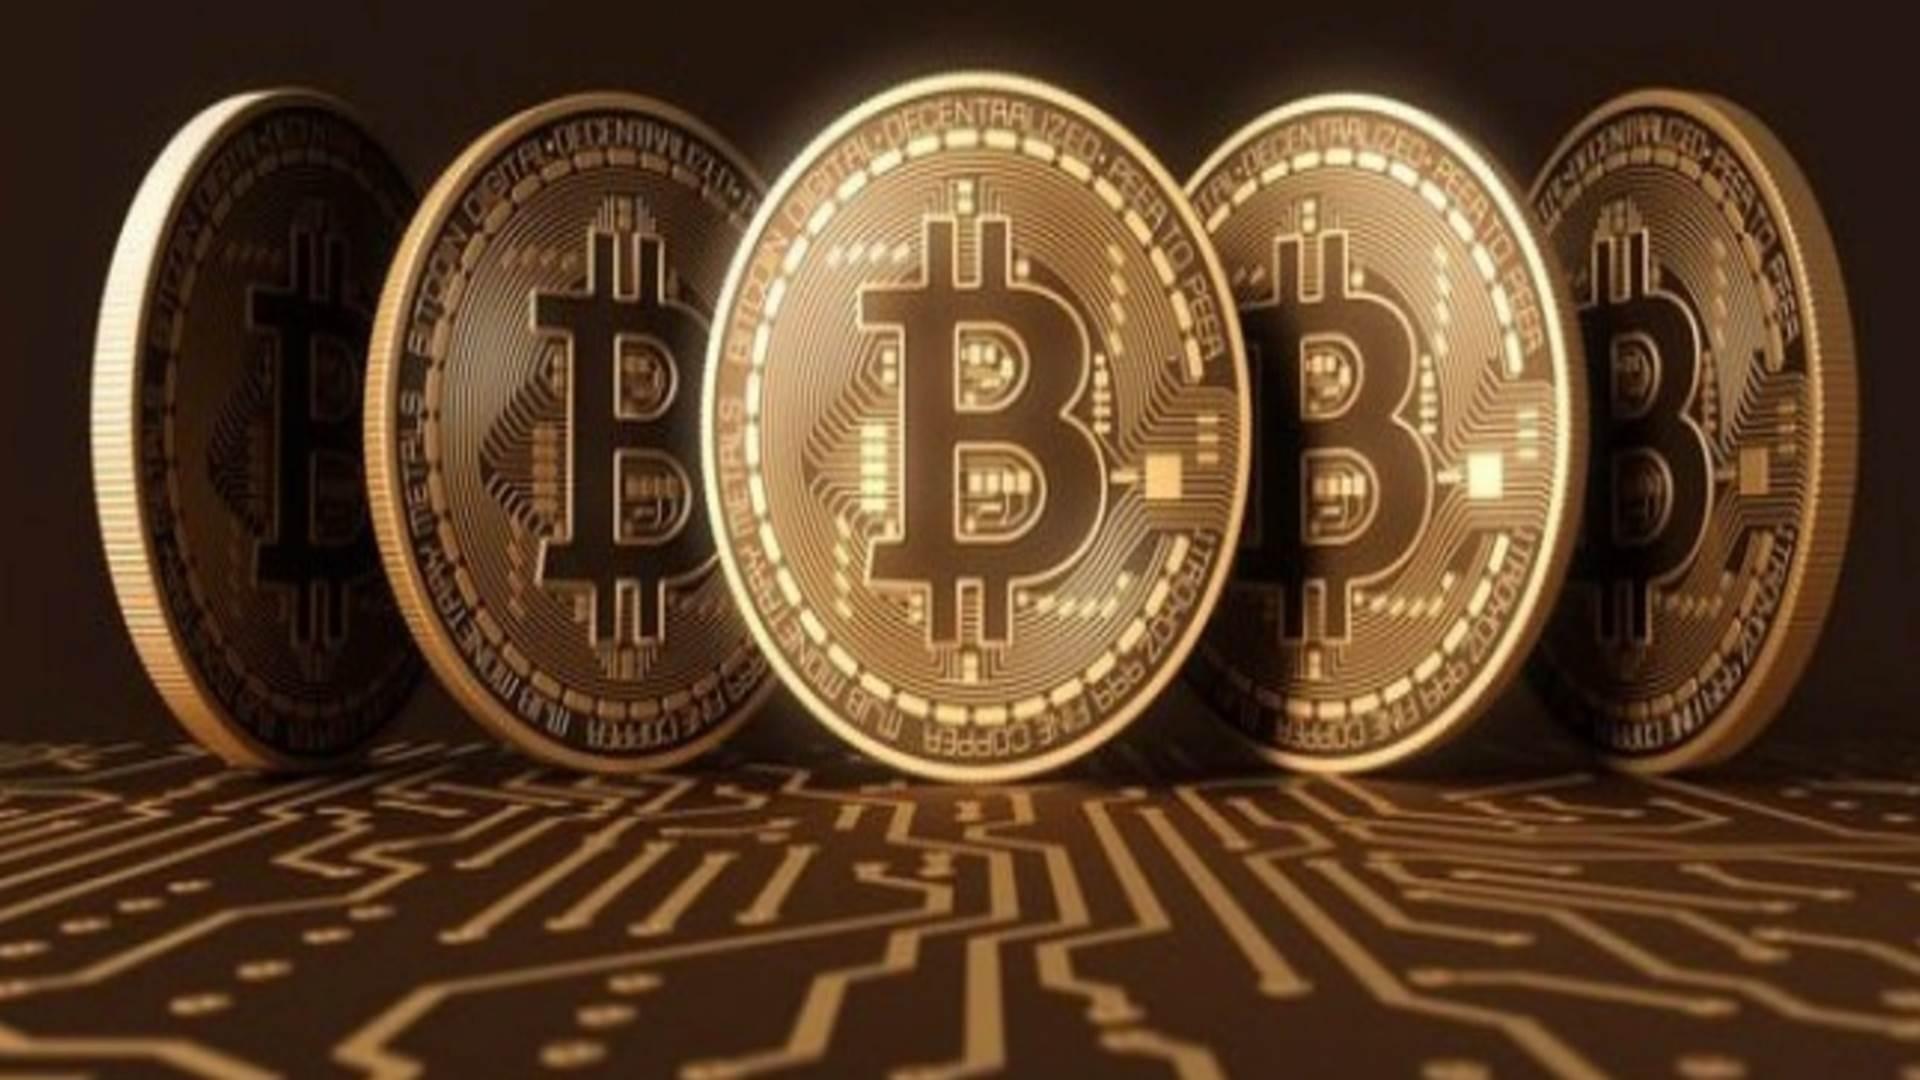 Kripto Para Haberleri: Bitcoin Bir Balon veya Ponzi Değildir